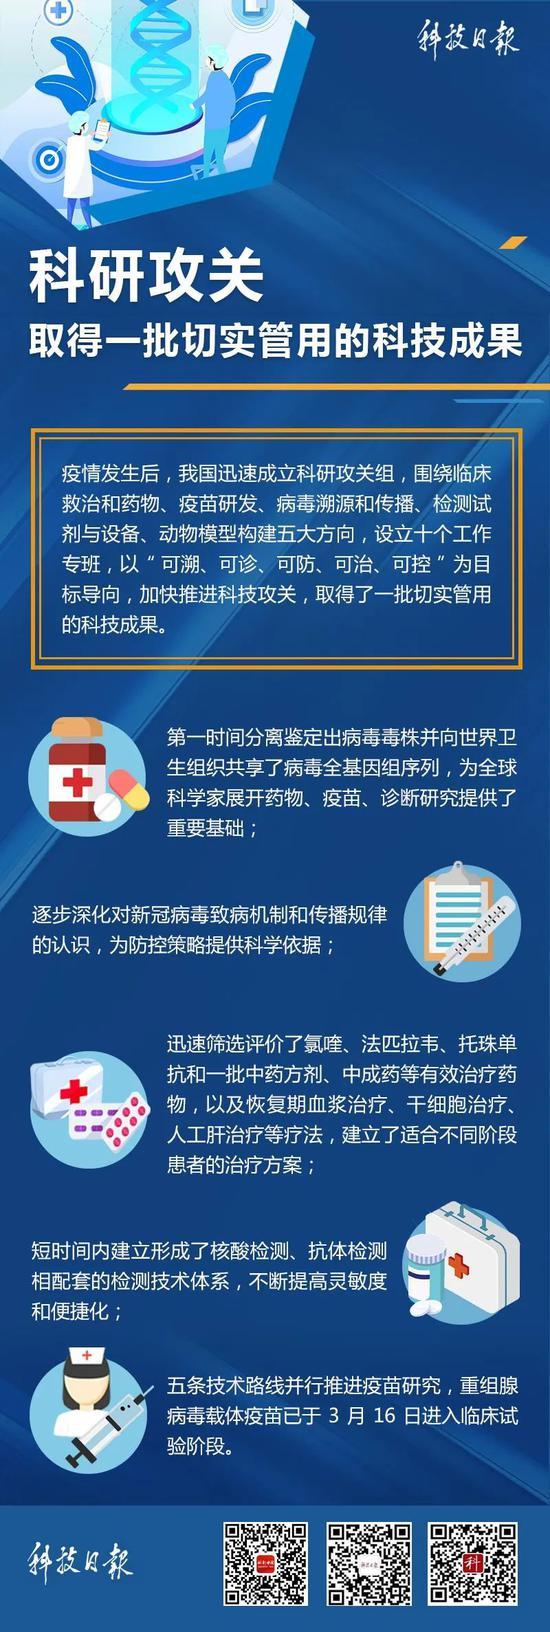 科研攻关最新成果来了!中国方案助力全球抗疫图片